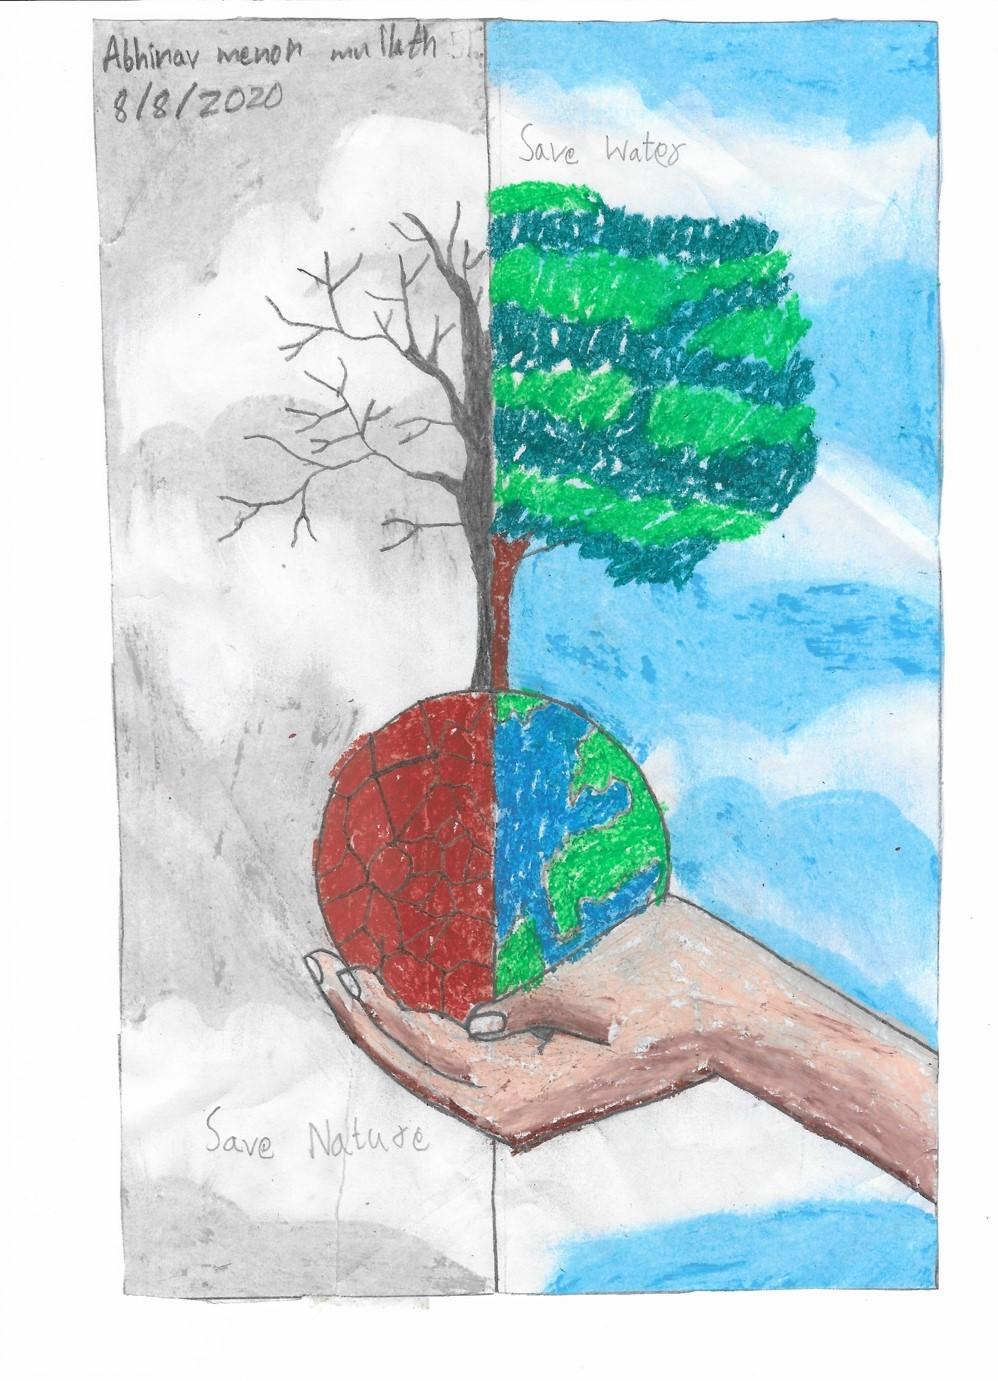 Save Nature by Abhinav Menon Mullath